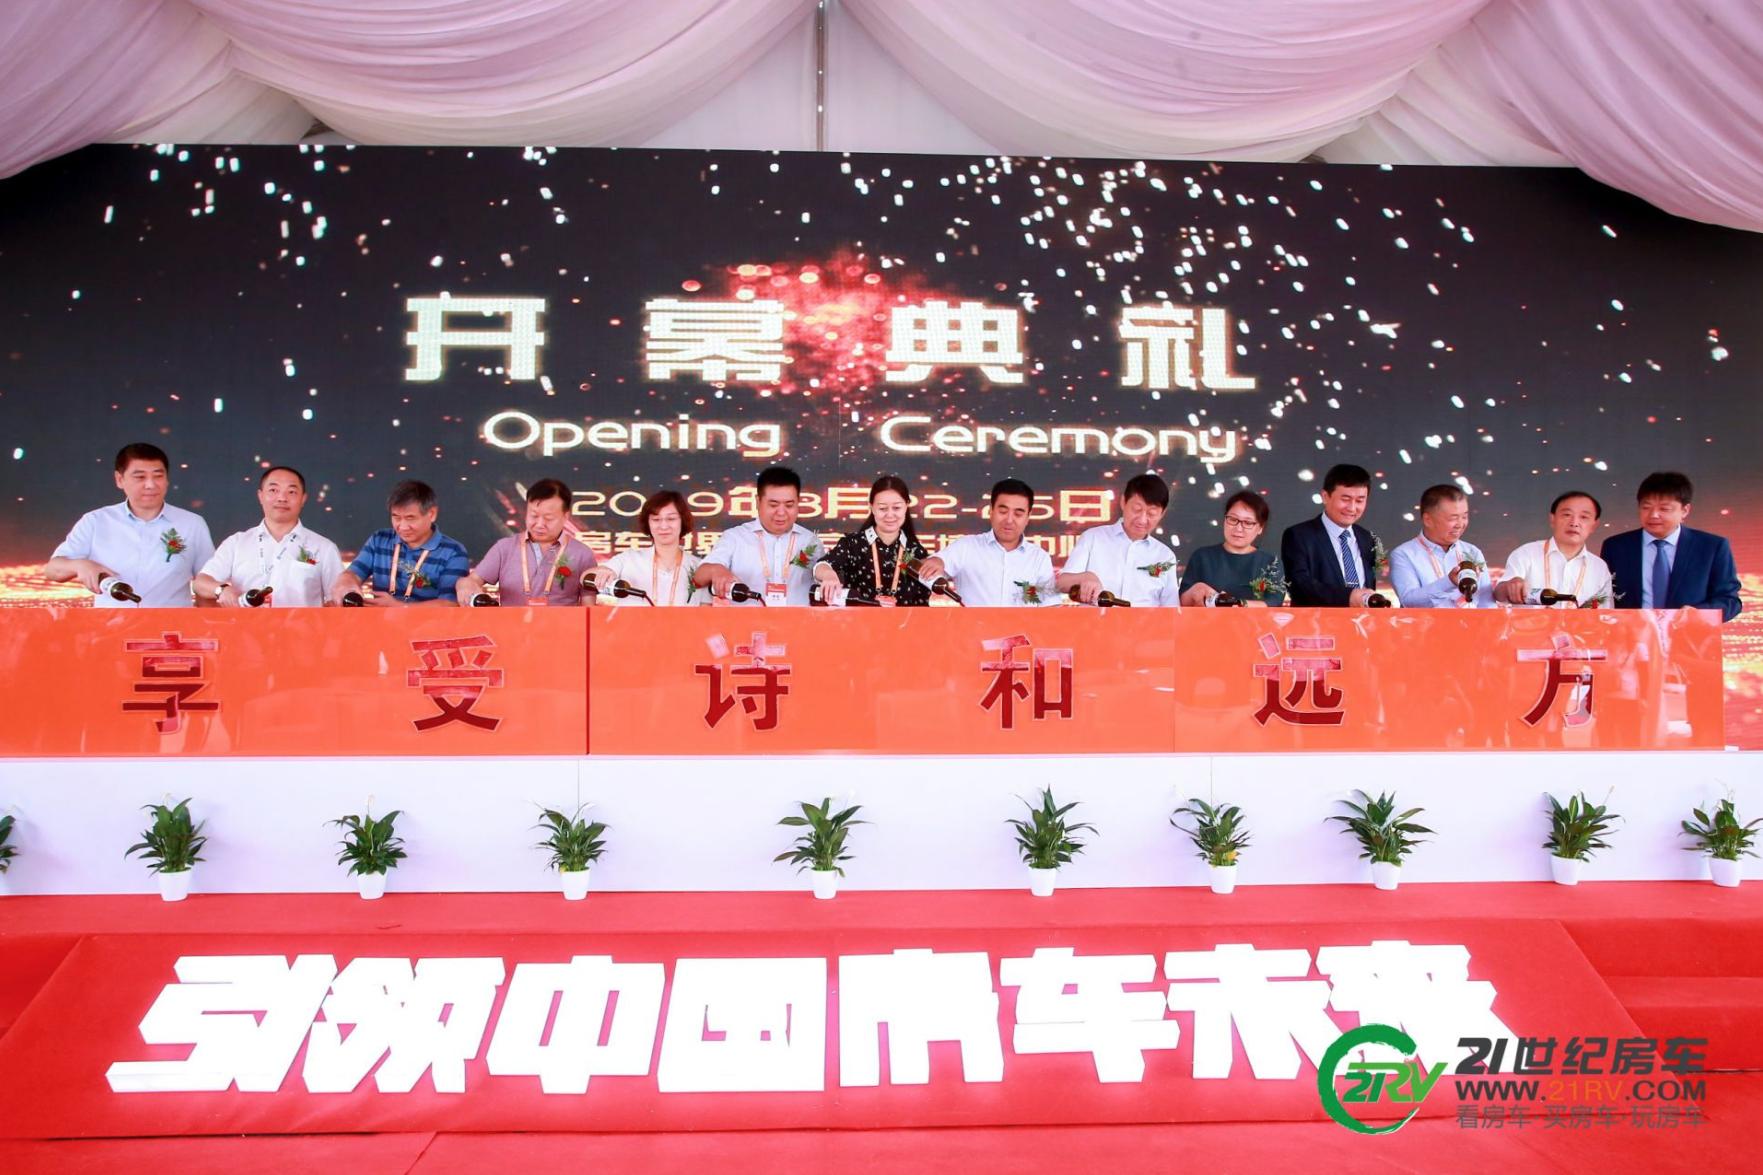 8月22-25日 第19届中国(北京)国际房车露营展览会盛大开幕